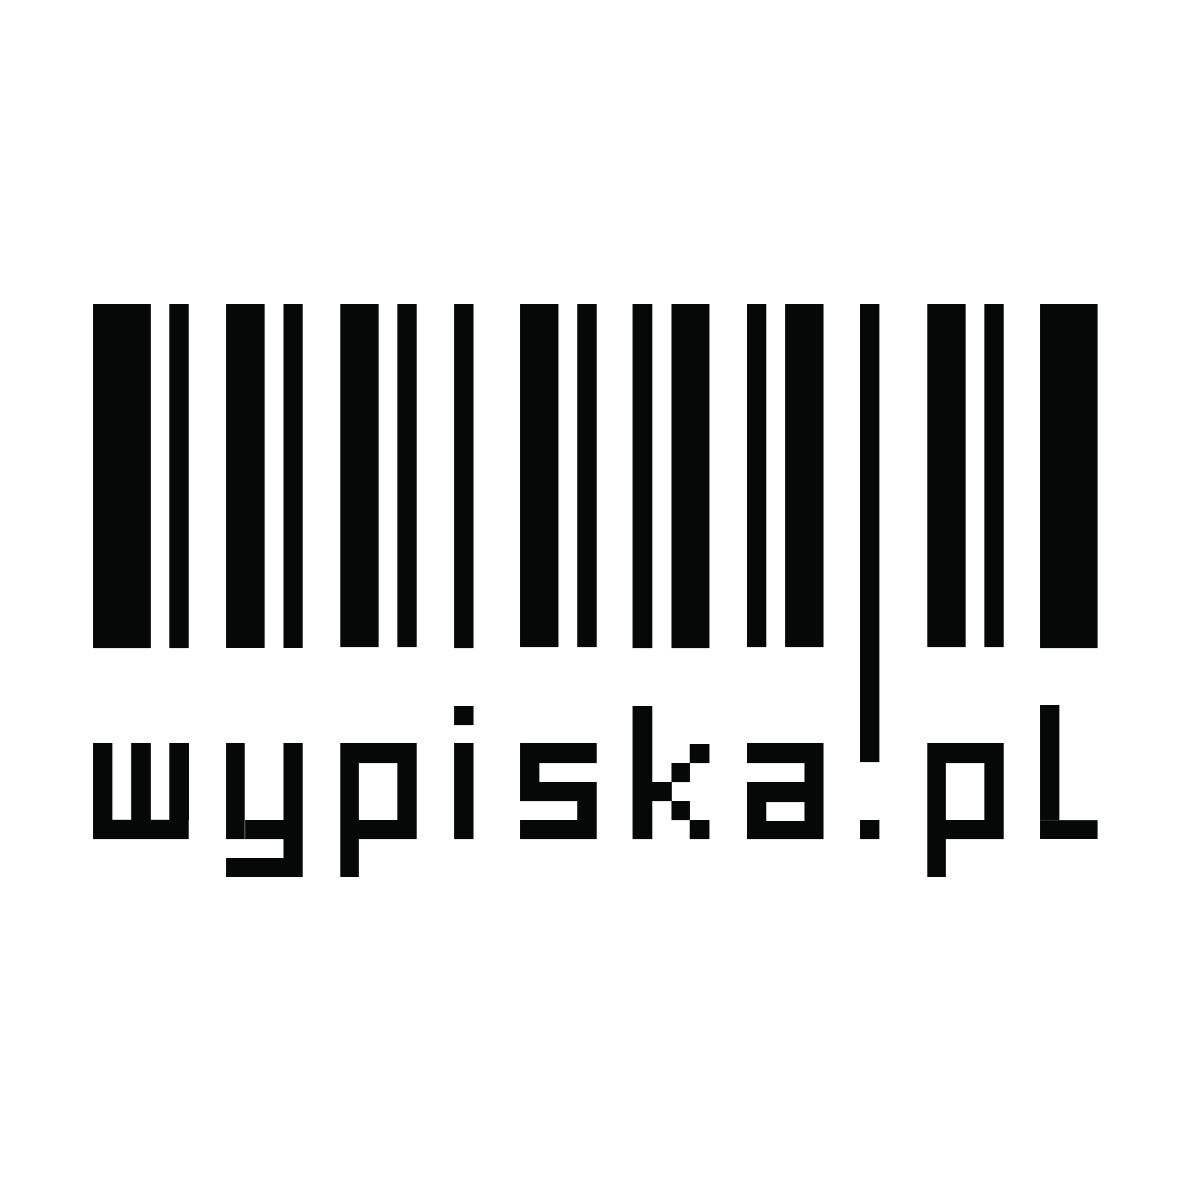 wypiska_pieniadze_dla_osadzonego